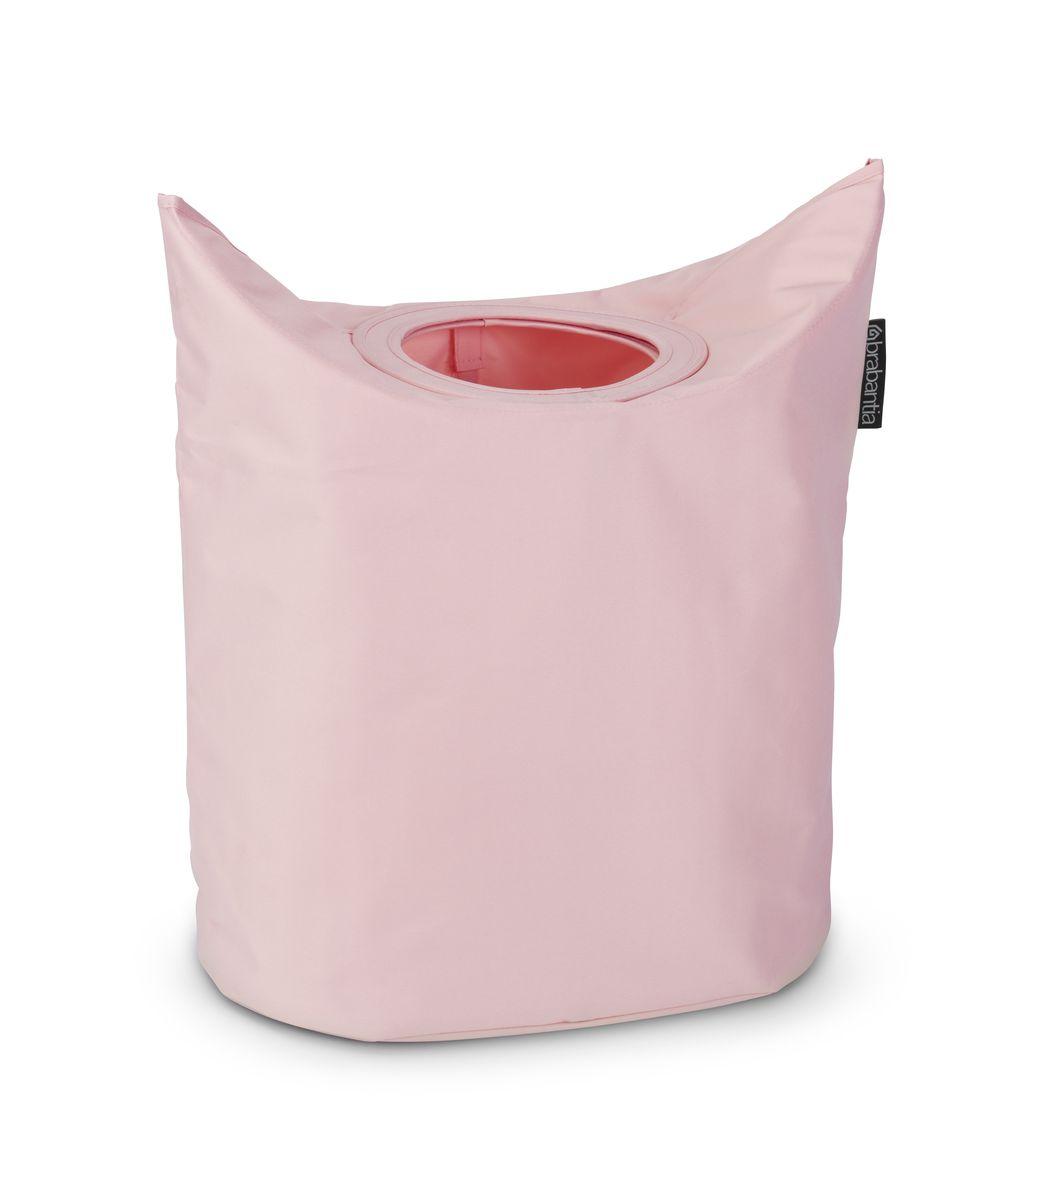 Сумка для белья Brabantia, цвет: розовый, 50 л. 102547S03301004Оригинальная сумка для белья Brabantia экономит место и превращает вашу стирку в увлекательное занятие. С помощью складывающихся магнитных ручек сумка закрывается и превращается в корзину для белья с загрузочным отверстием. Собрались стирать? Поднимите ручки, и ваша сумка готова к использованию. Особенности: Загрузочное отверстие для быстрой загрузки белья - просто сложите магнитные ручки; Большие удобные ручки для переноски; Удобно загружать белье в стиральную машину - большая вместимость и широкое отверстие; 2 года гарантии Brabantia; Объем 50 л.